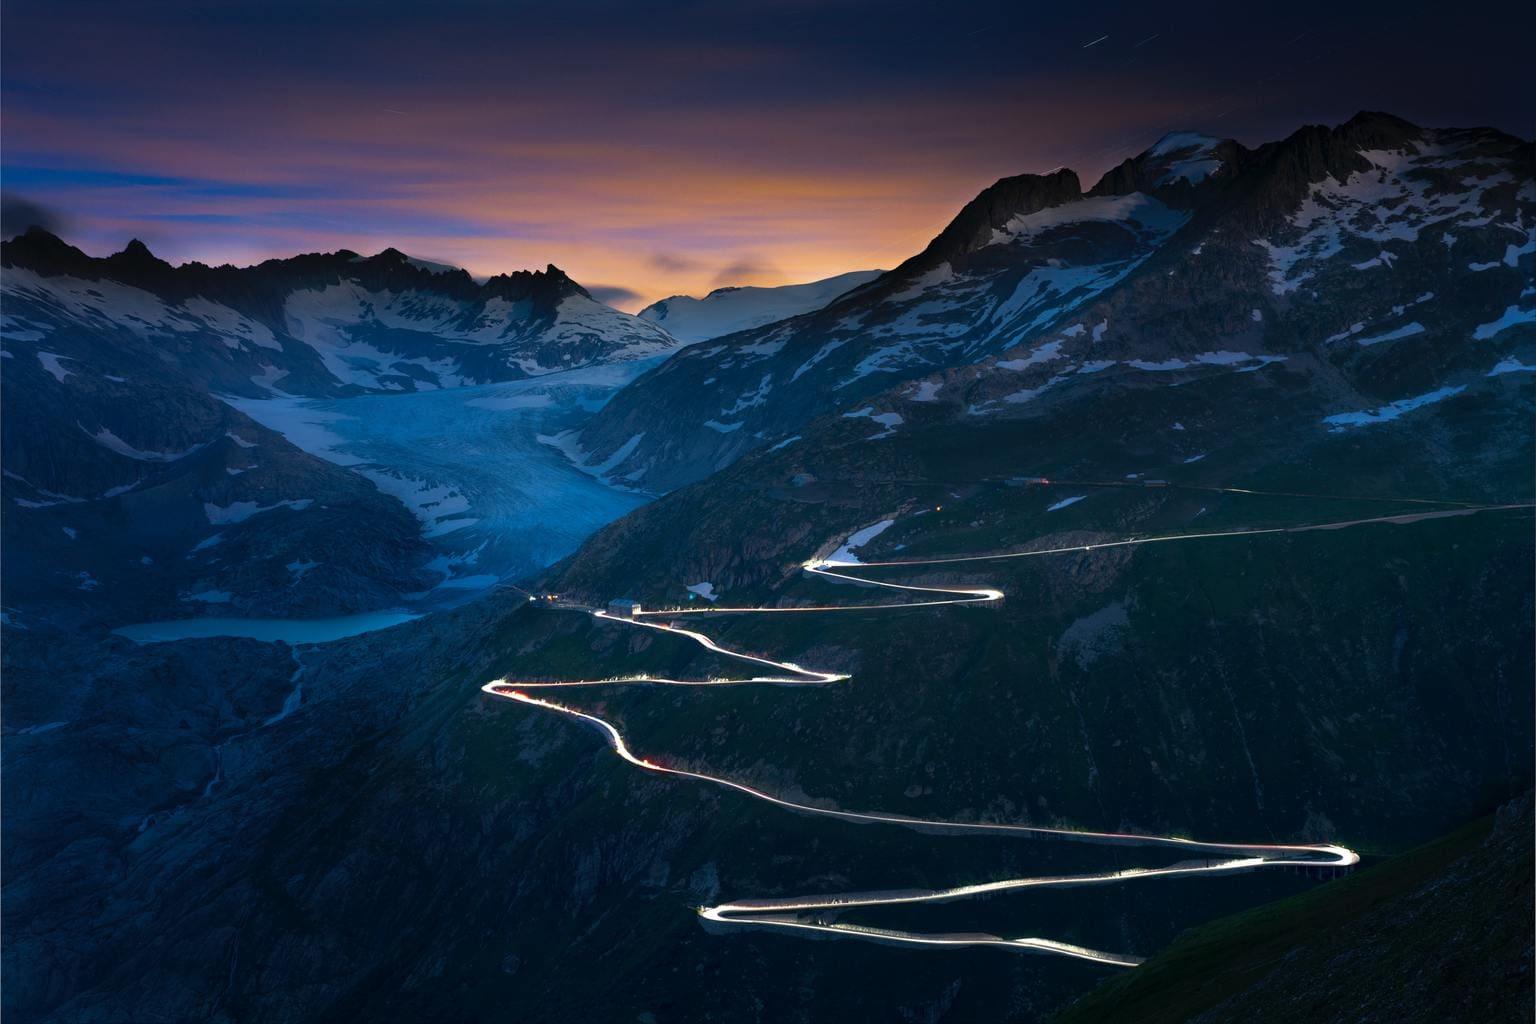 Estelas de luz incluidas en un paisaje